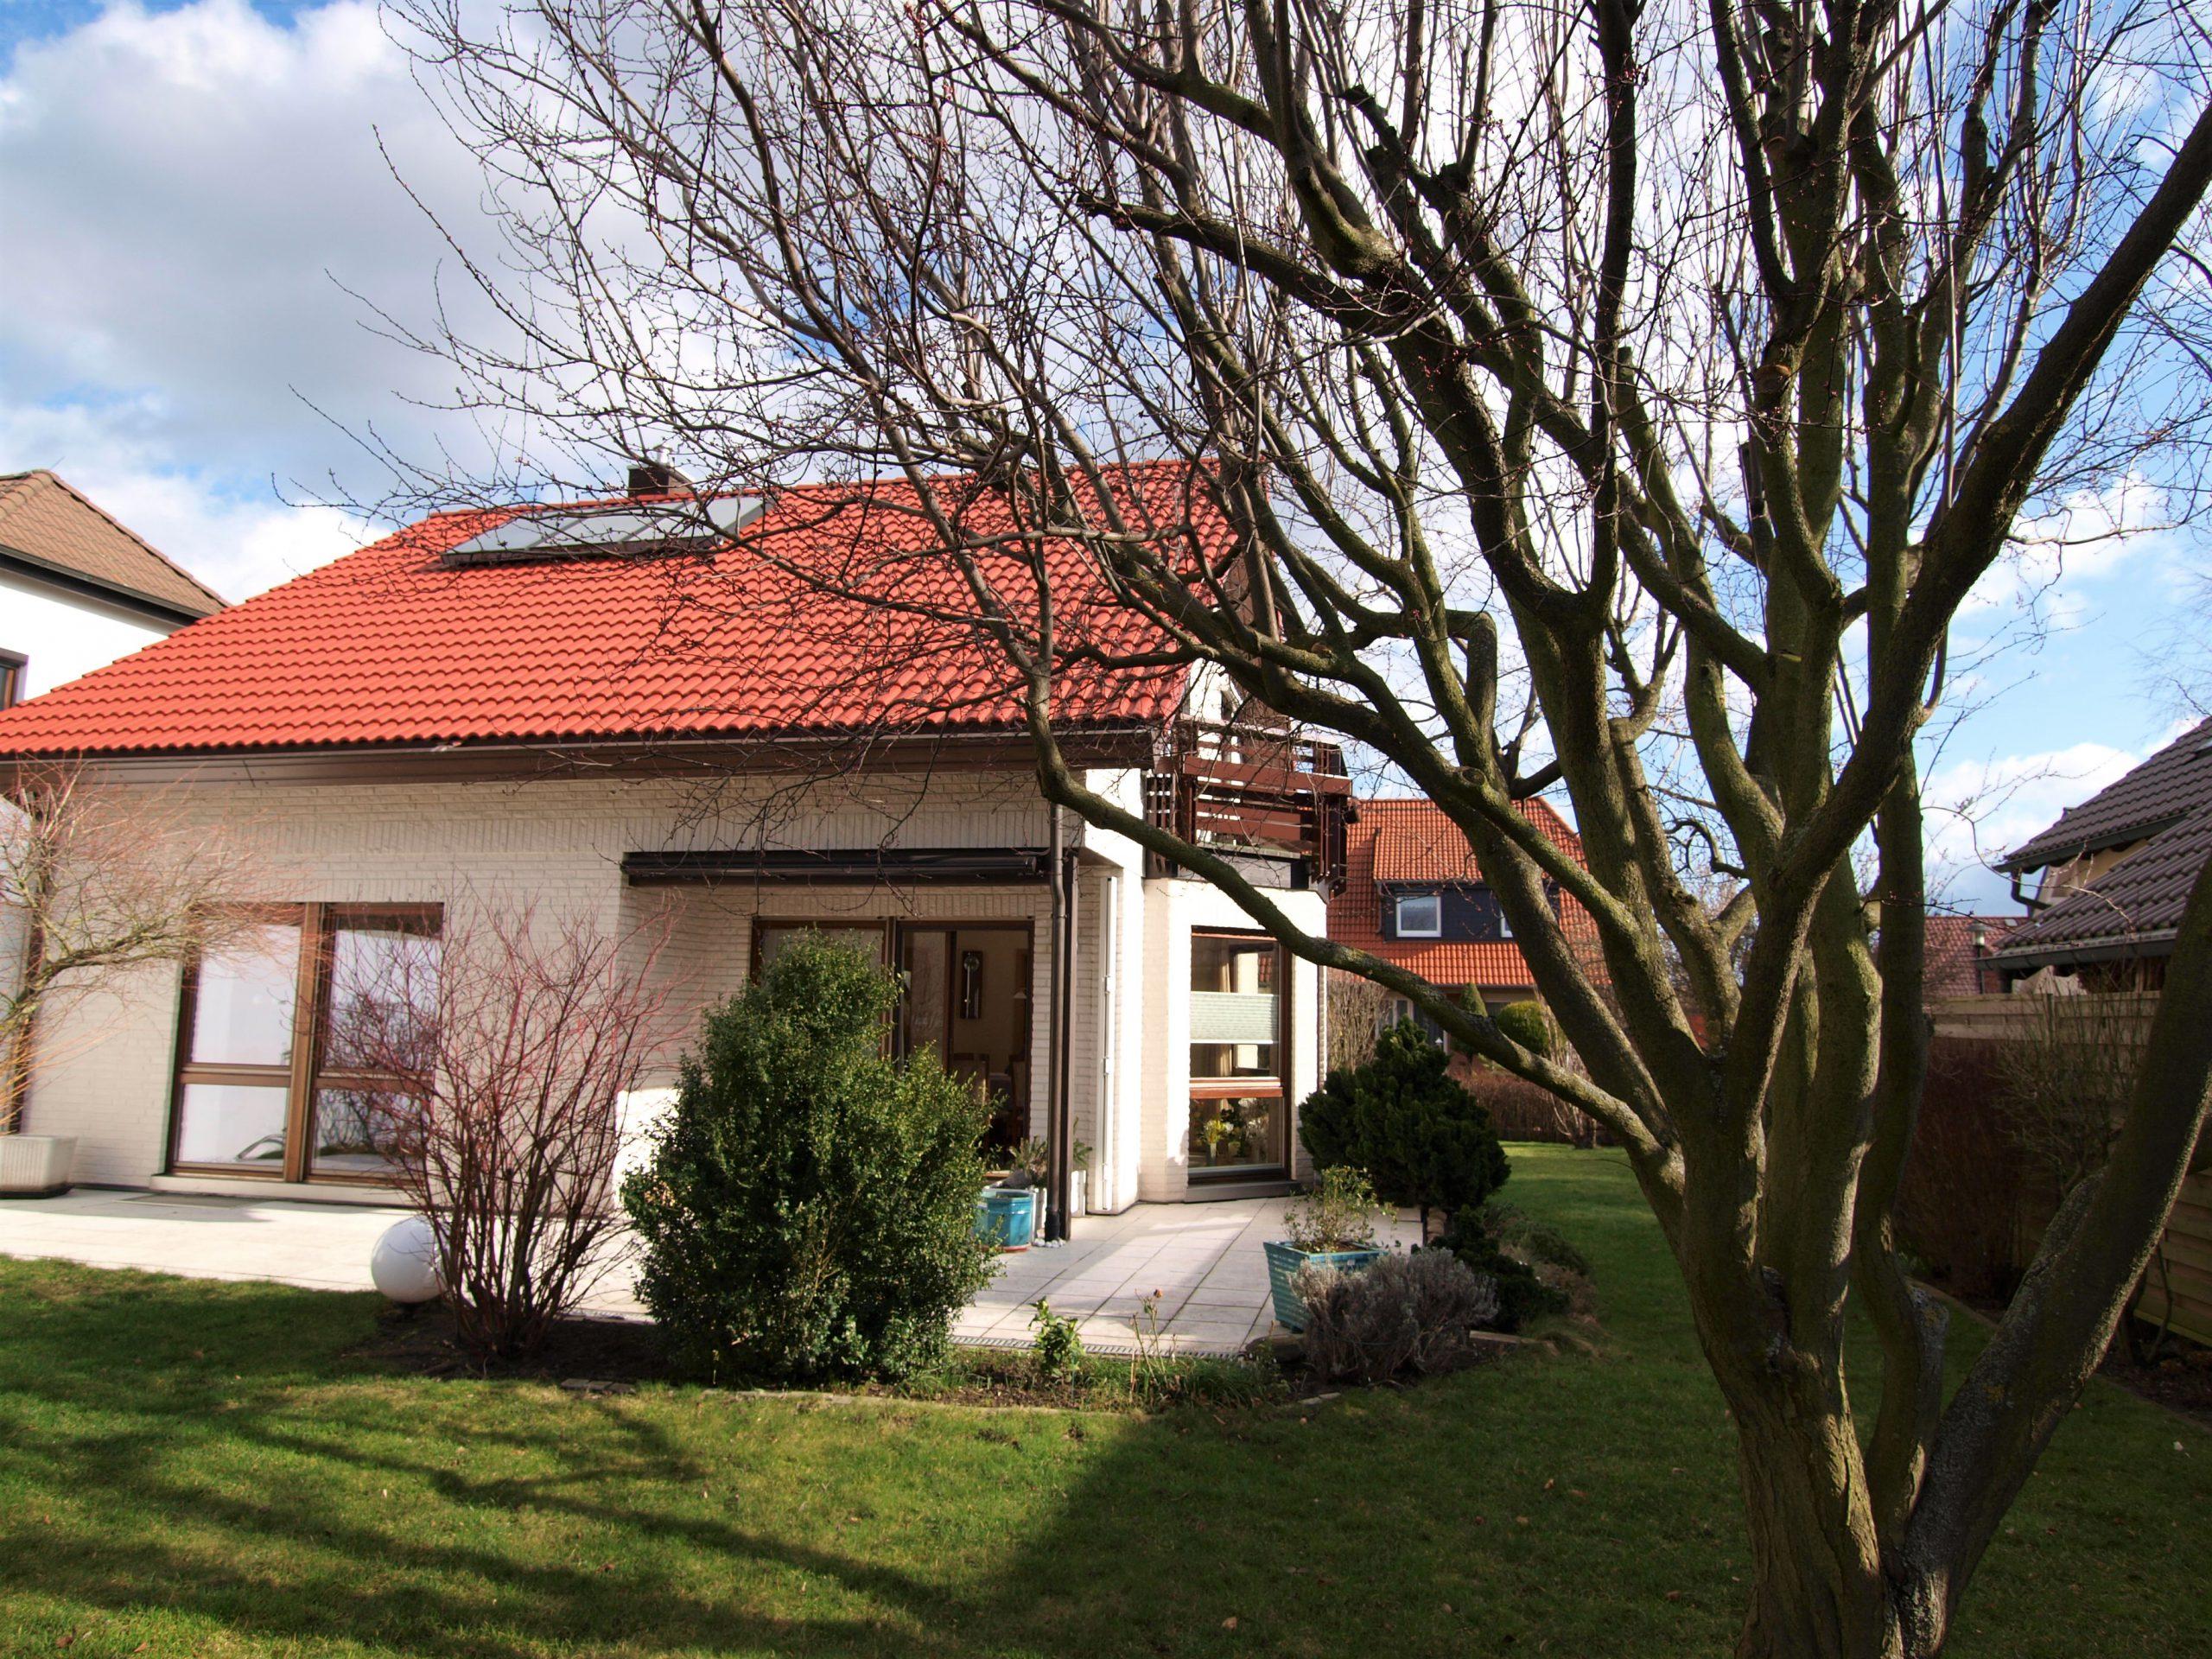 Einfamilienhaus Mötzlich - Hausansicht mit Terrasse und Balkon